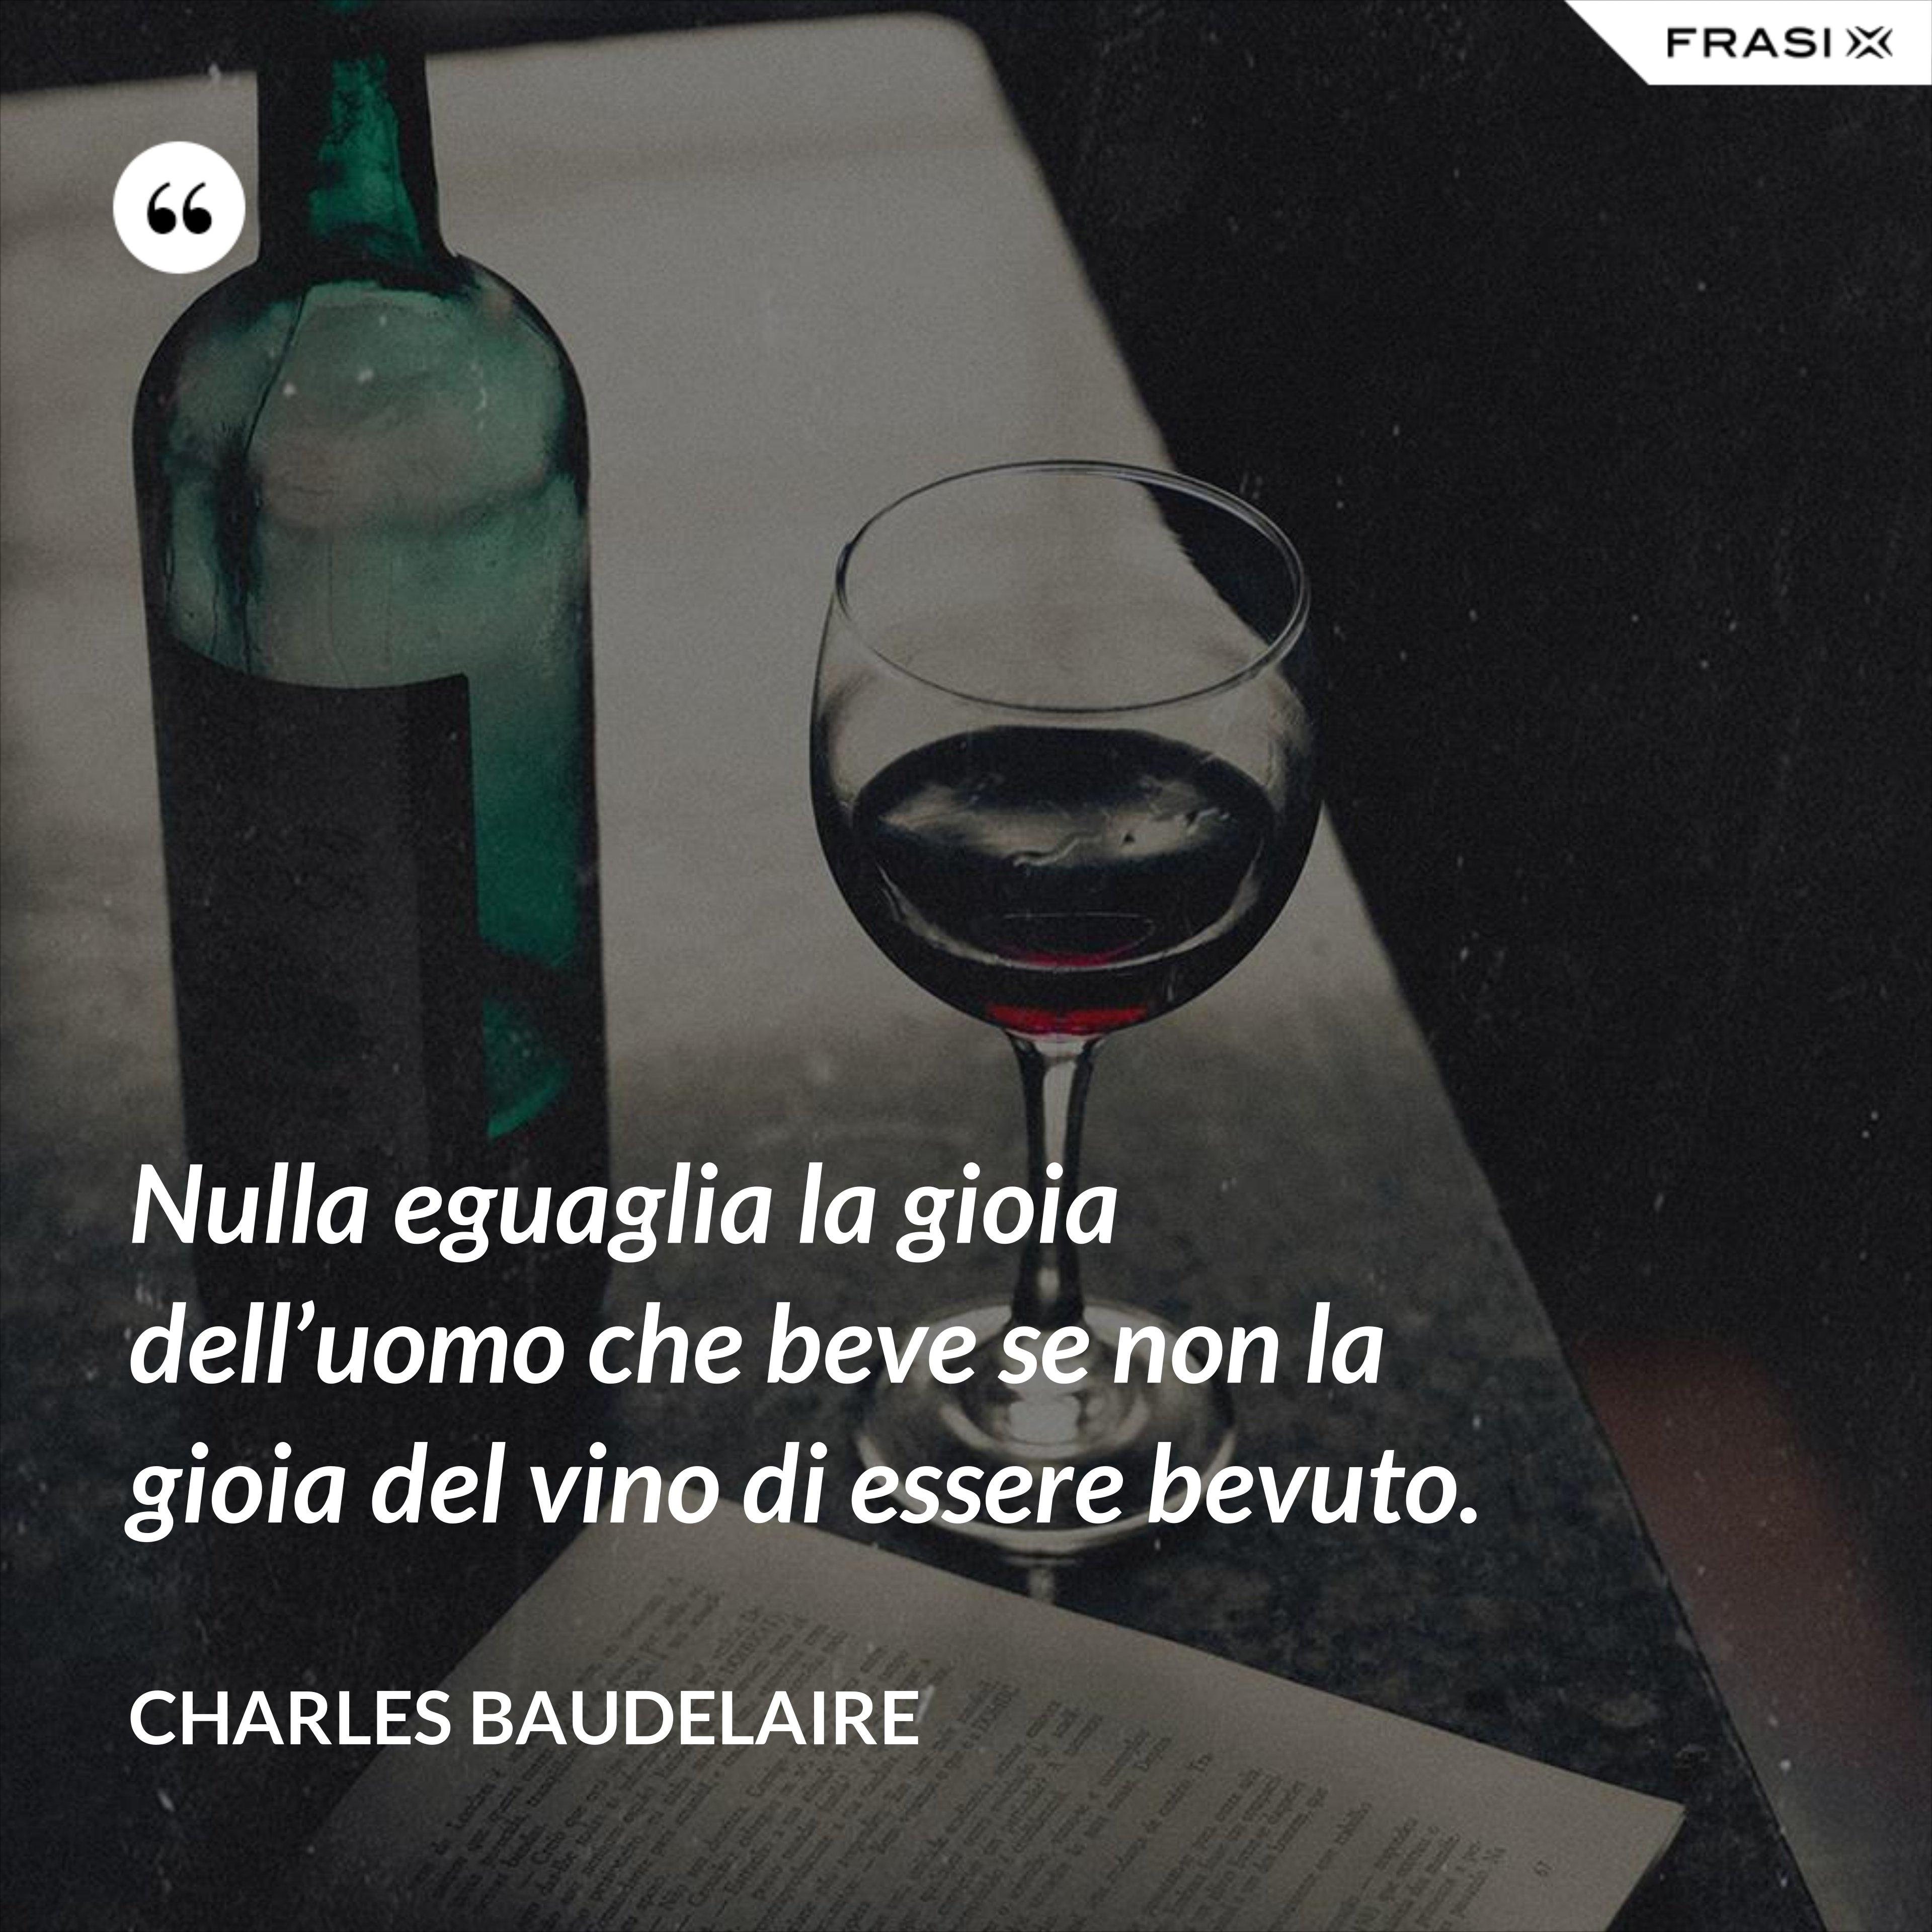 Nulla eguaglia la gioia dell'uomo che beve se non la gioia del vino di essere bevuto. - Charles Baudelaire